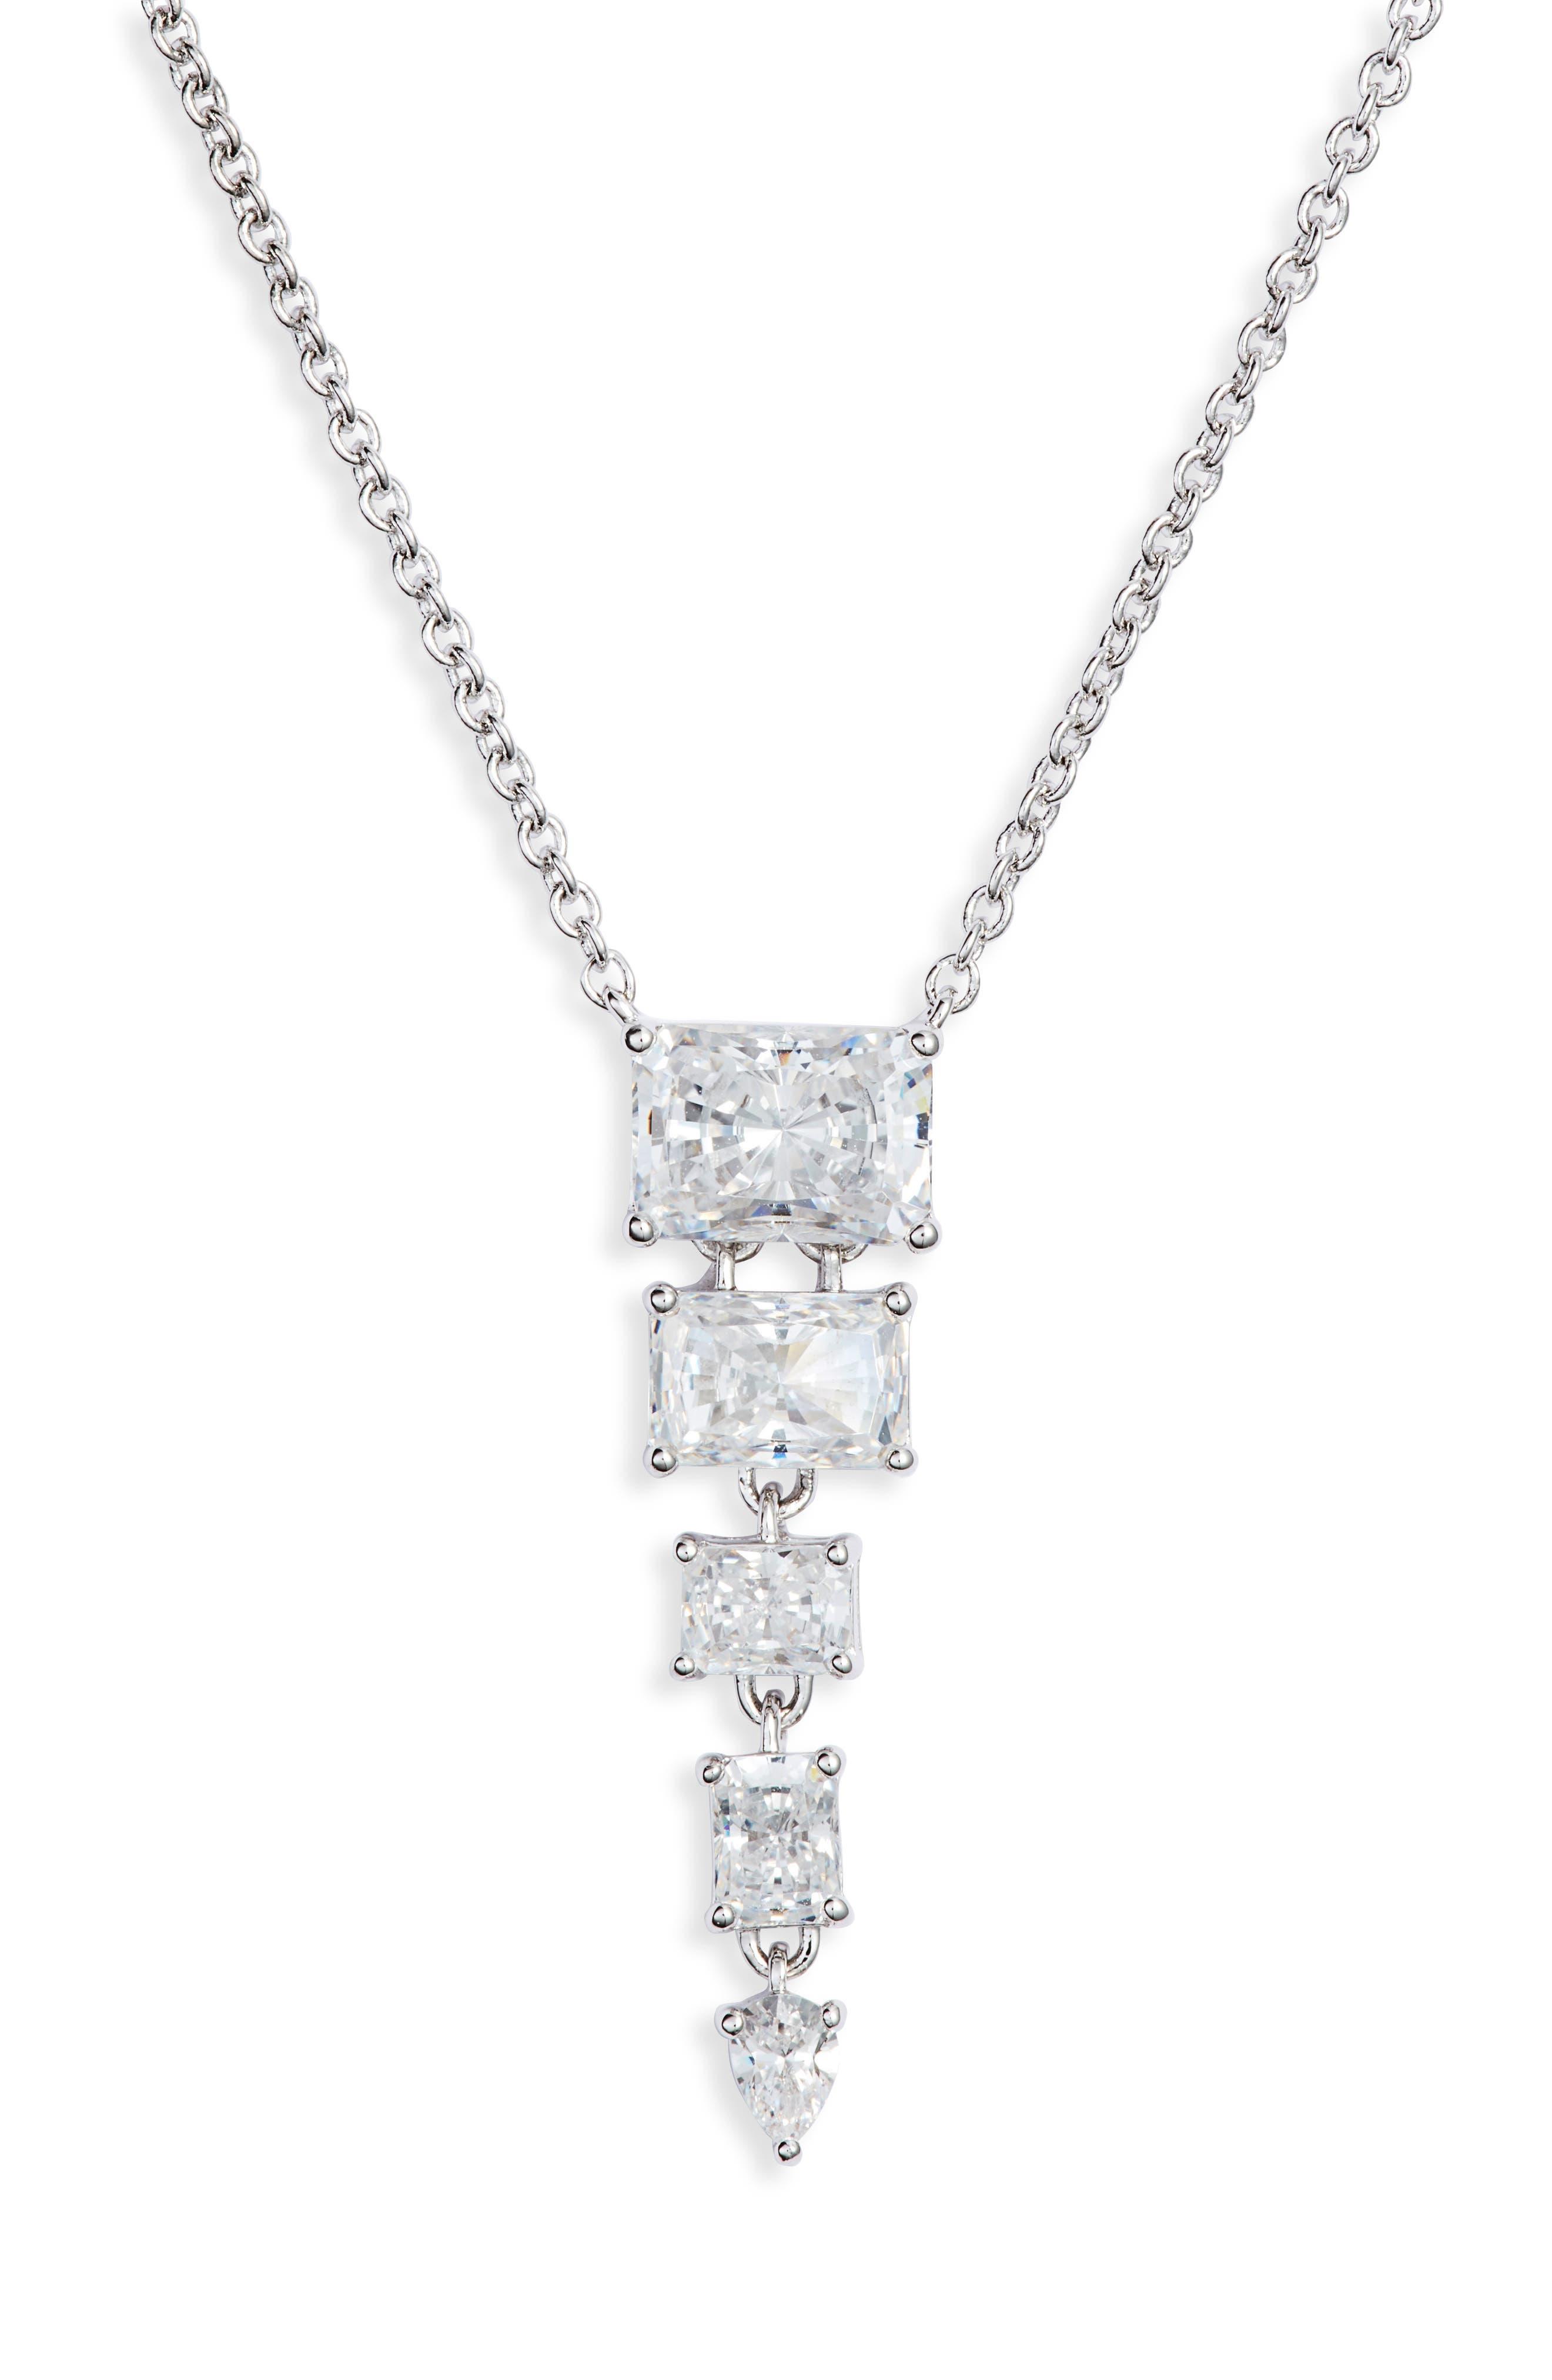 NADRI Baguette Multi Stone Pendant Necklace in White